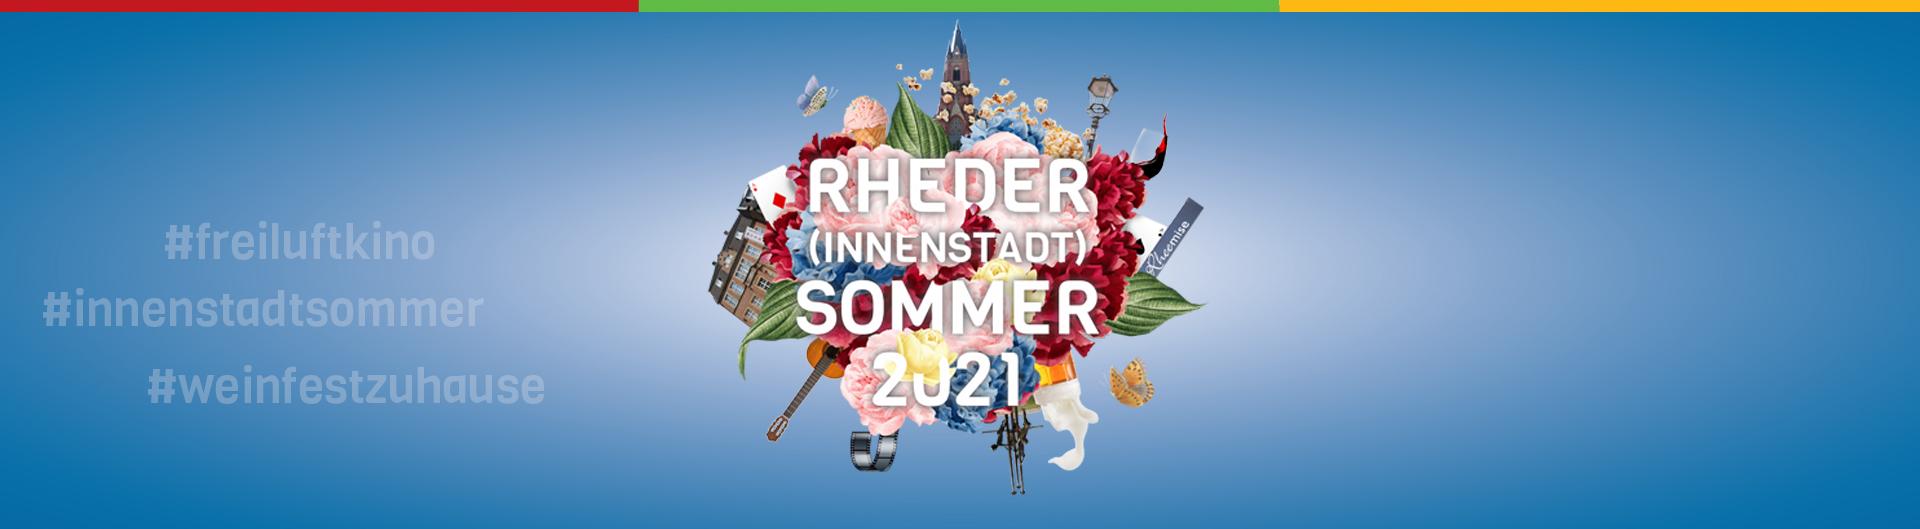 Rheder (Innenstadt)Sommer 2021